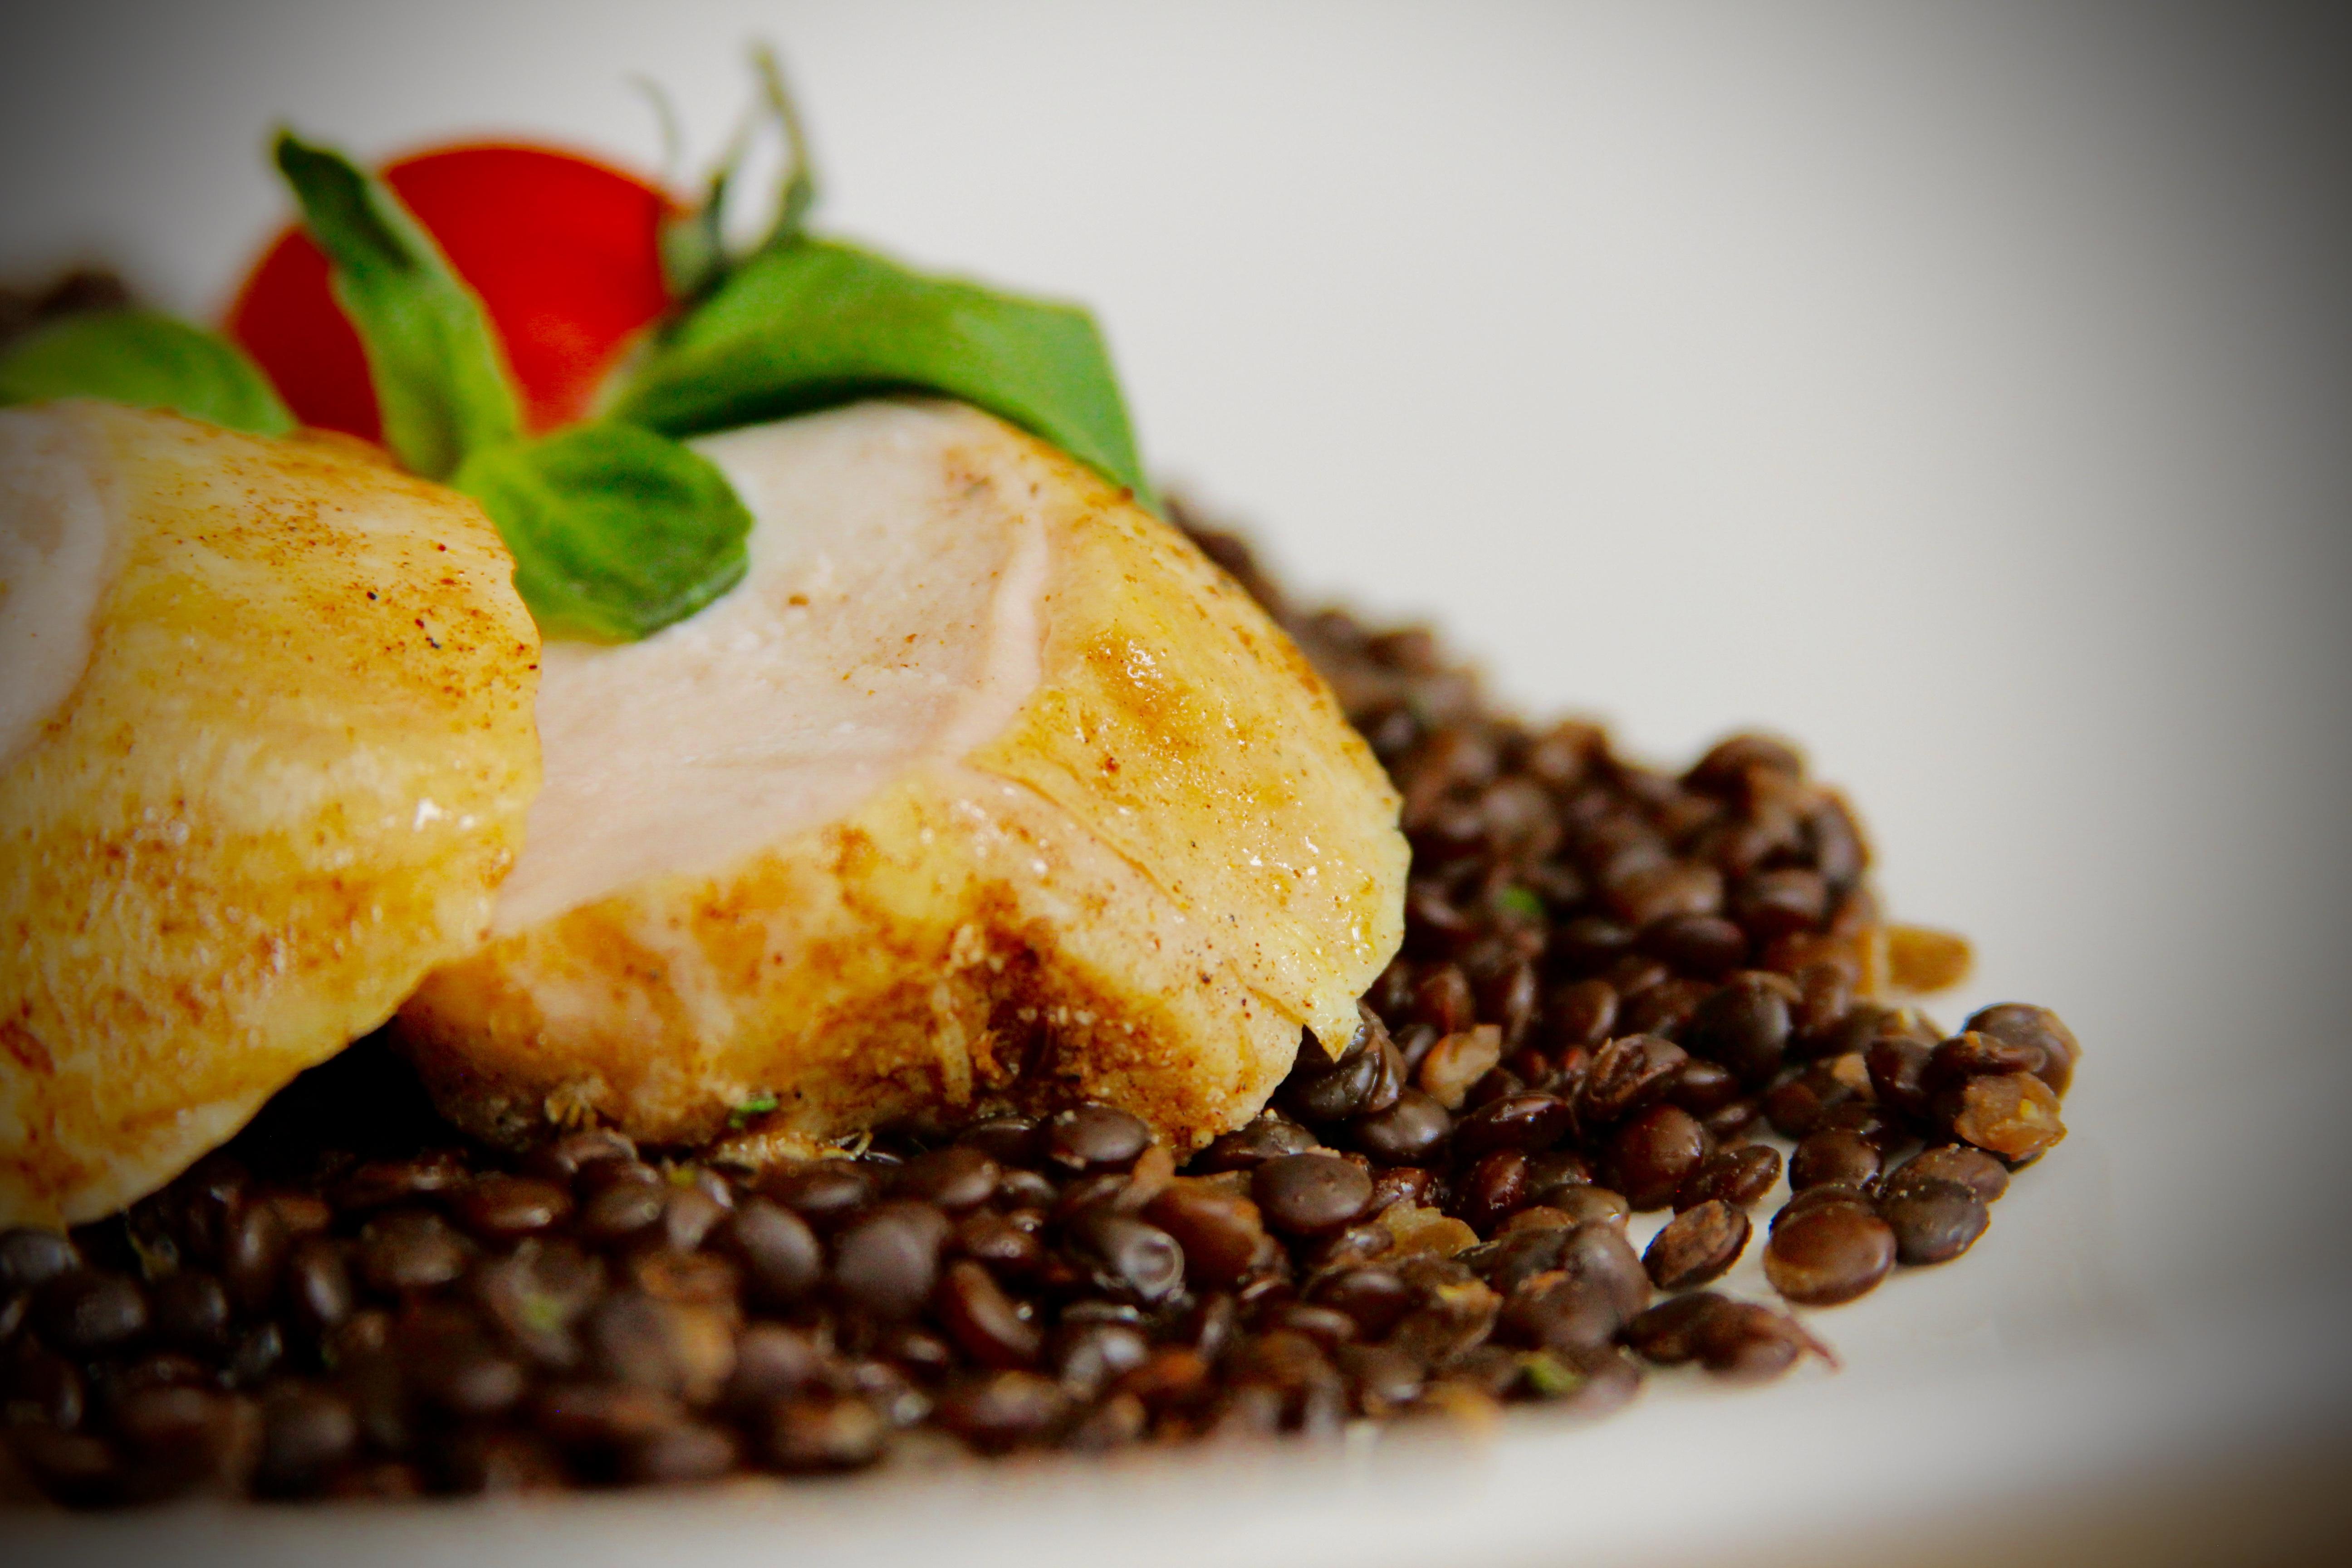 Ресторан Emporio café - Куриное филе с чечевицей, приготовленное по технологии Sous Vide.